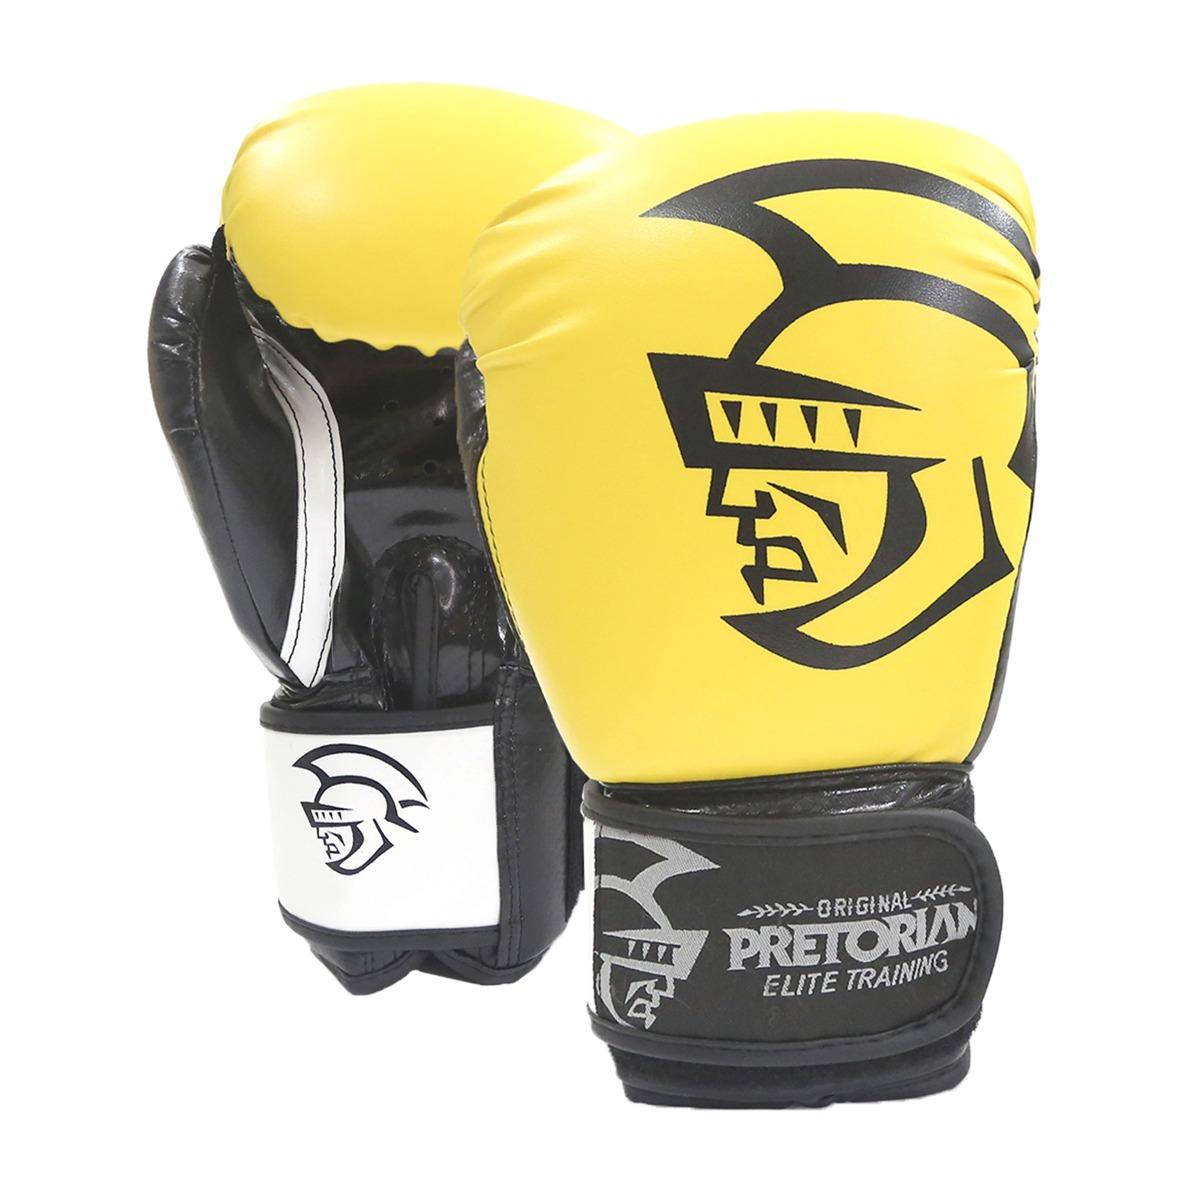 luva de boxe muay thai pretorian elite training 16oz amarela. Carregando  zoom. e9a0f101bc4b2